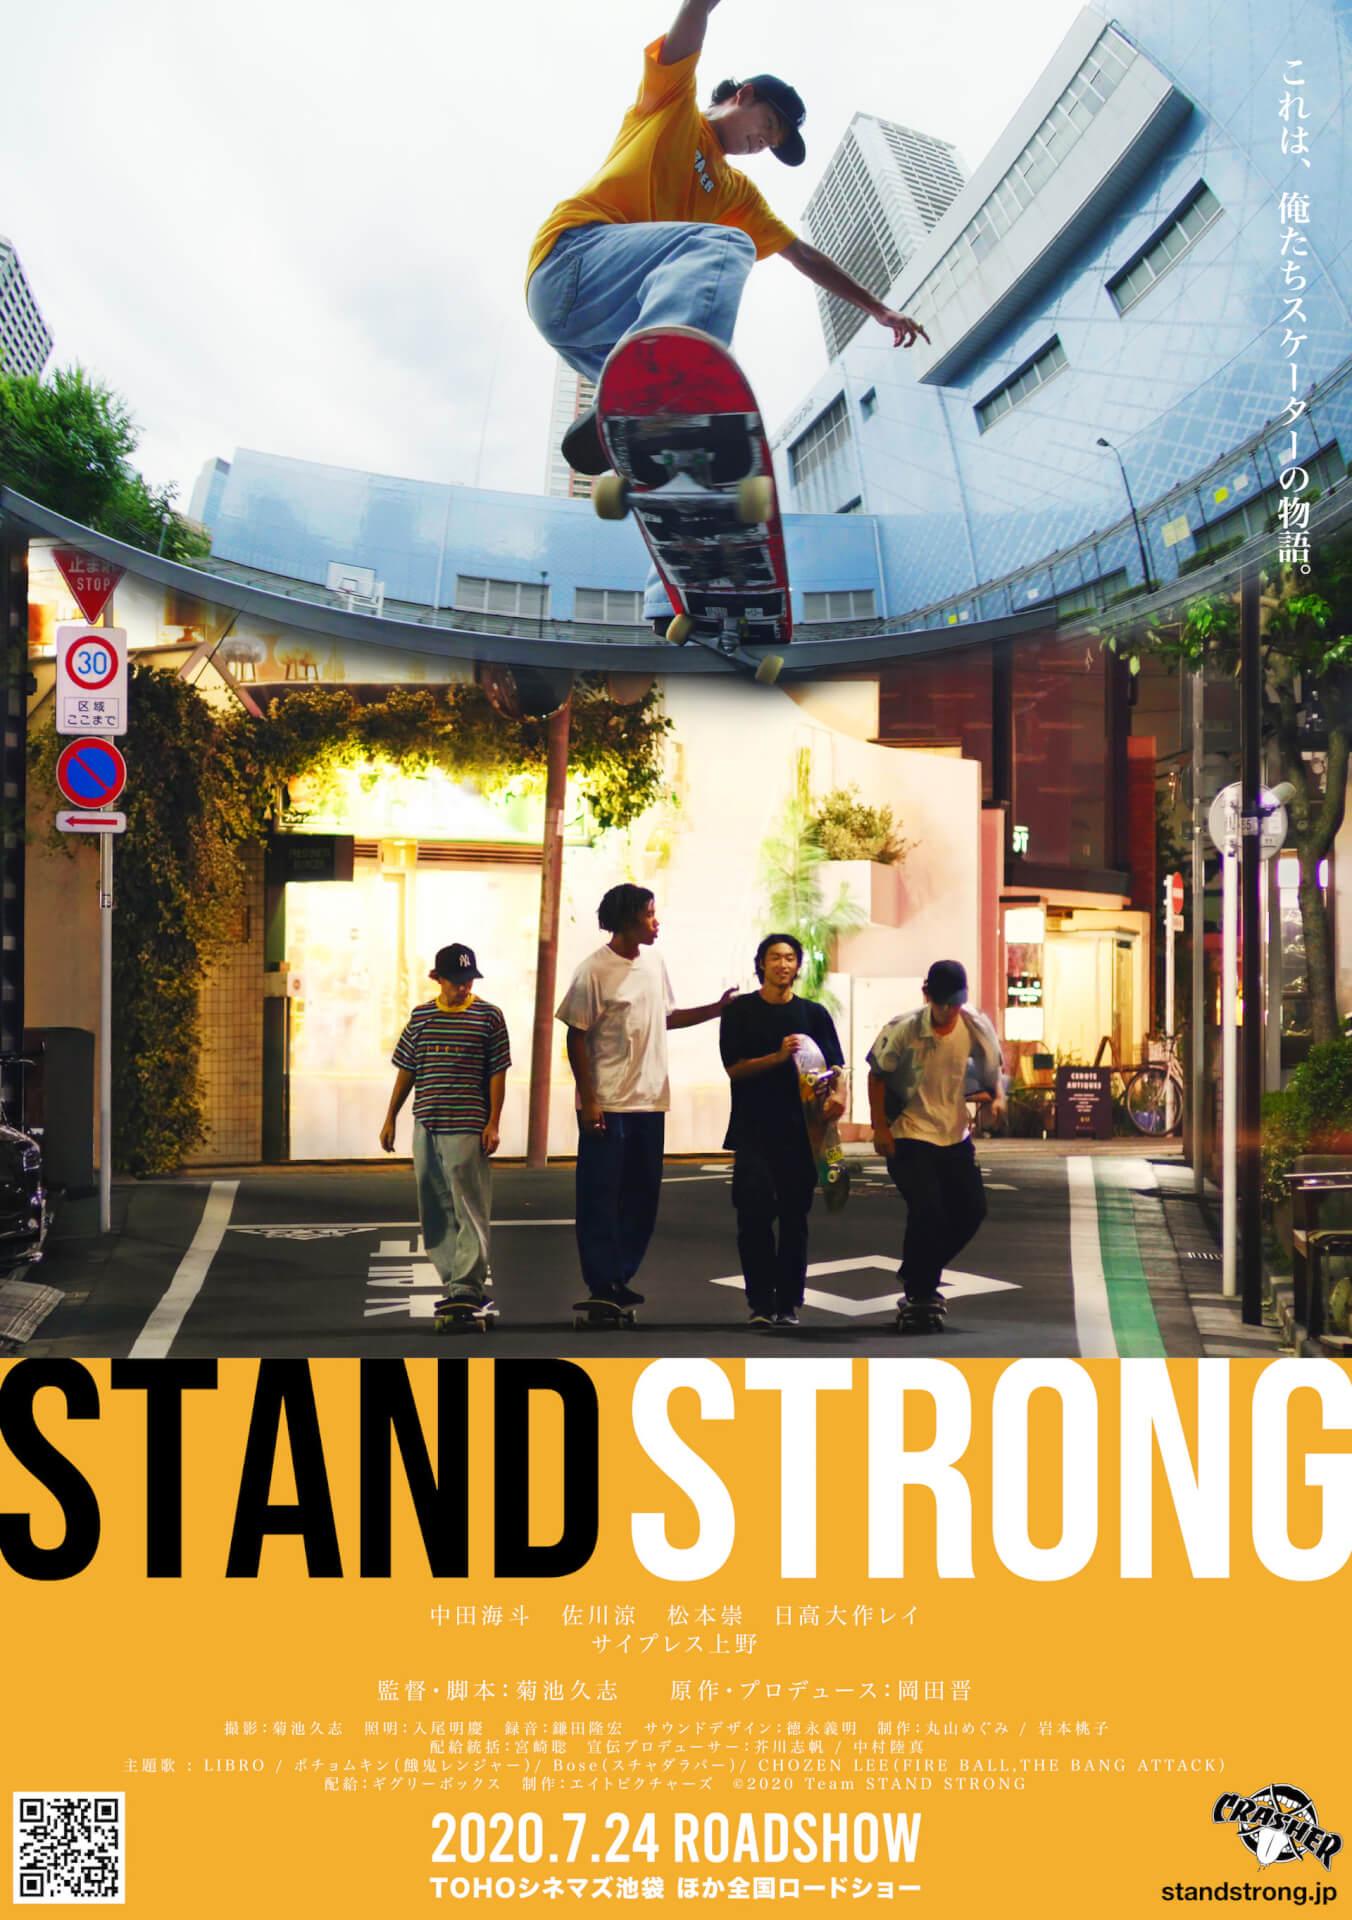 4人のスケーターが織りなすリアルライフ『STAND STRONG』がTOHOシネマズ池袋で公開決定! film200606_standstrong_1